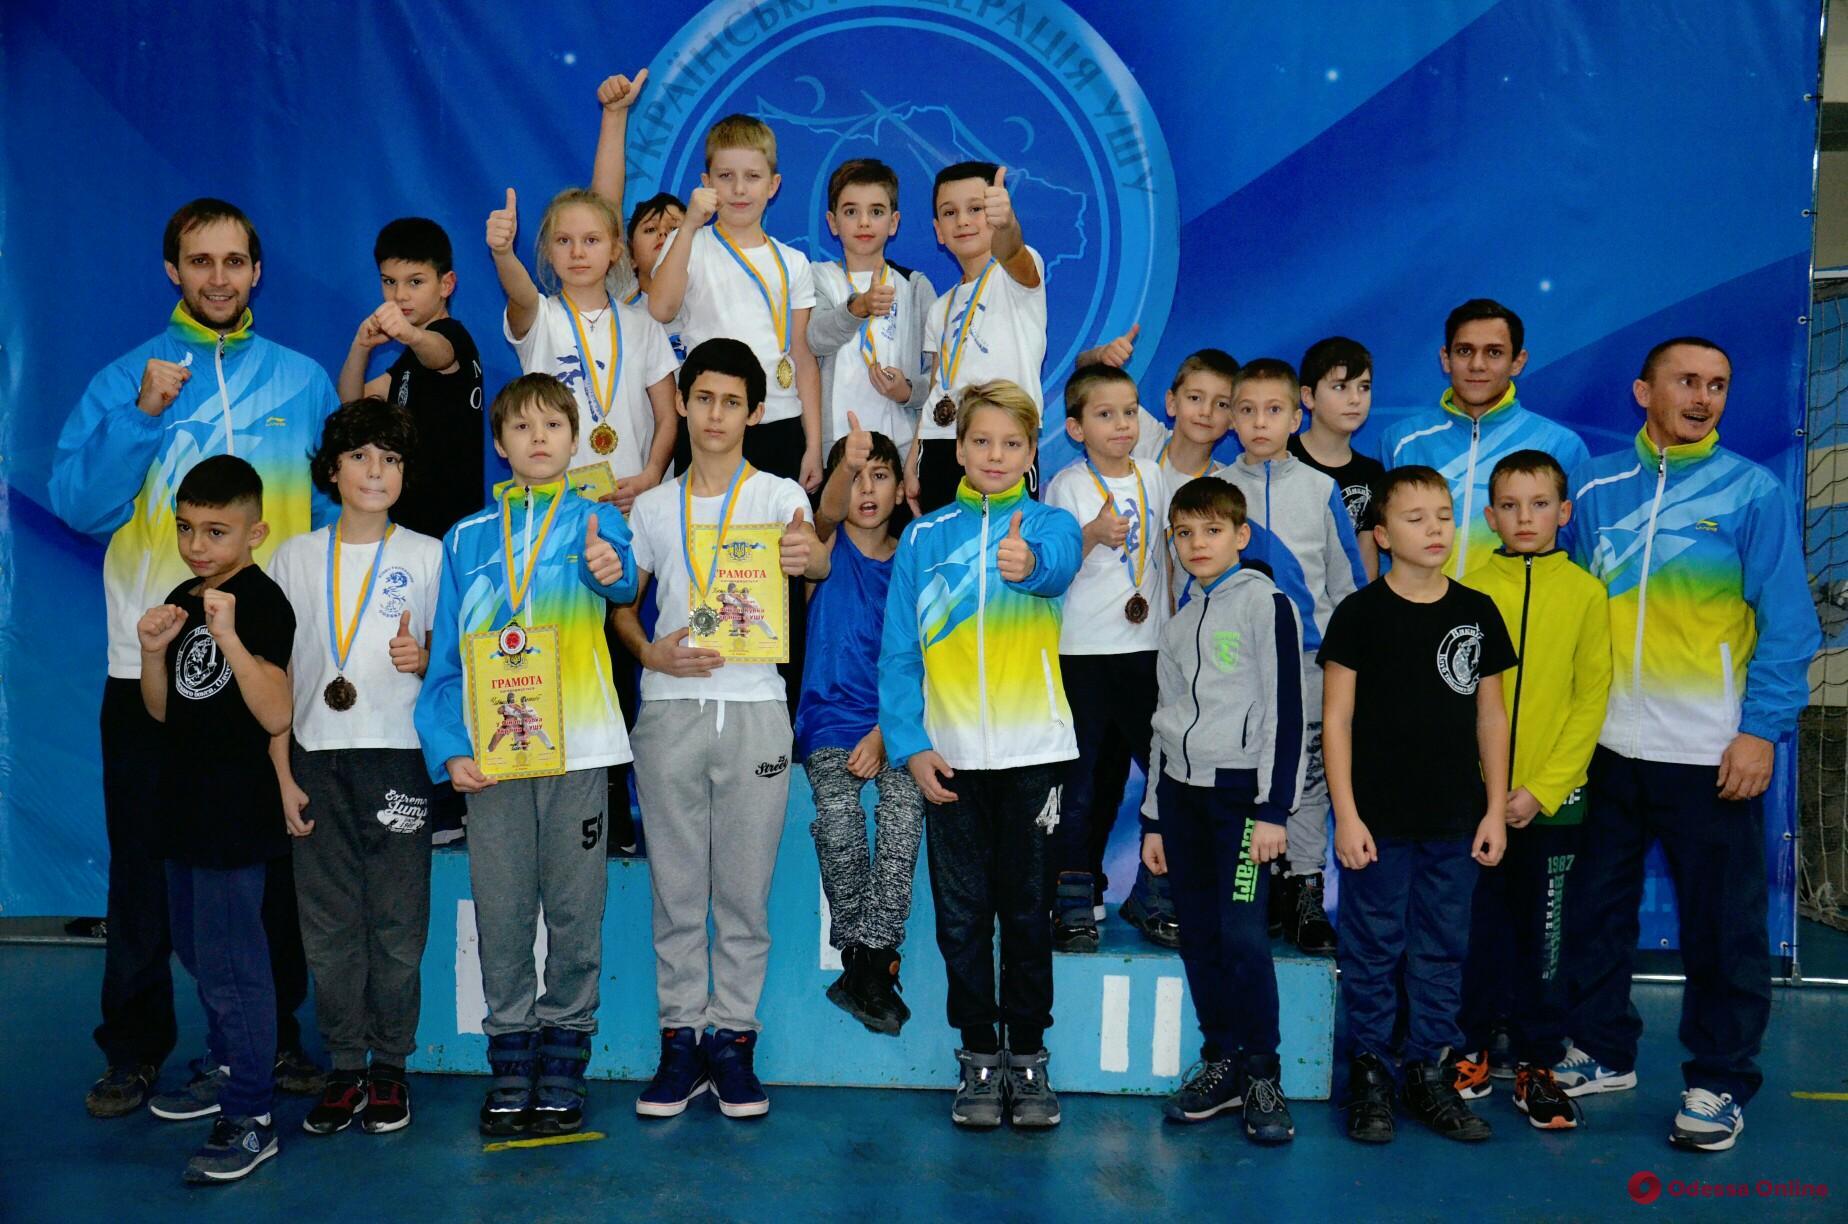 Одесситы завоевали два десятка медалей в рамках Финала Кубка Украины по контактному ушу